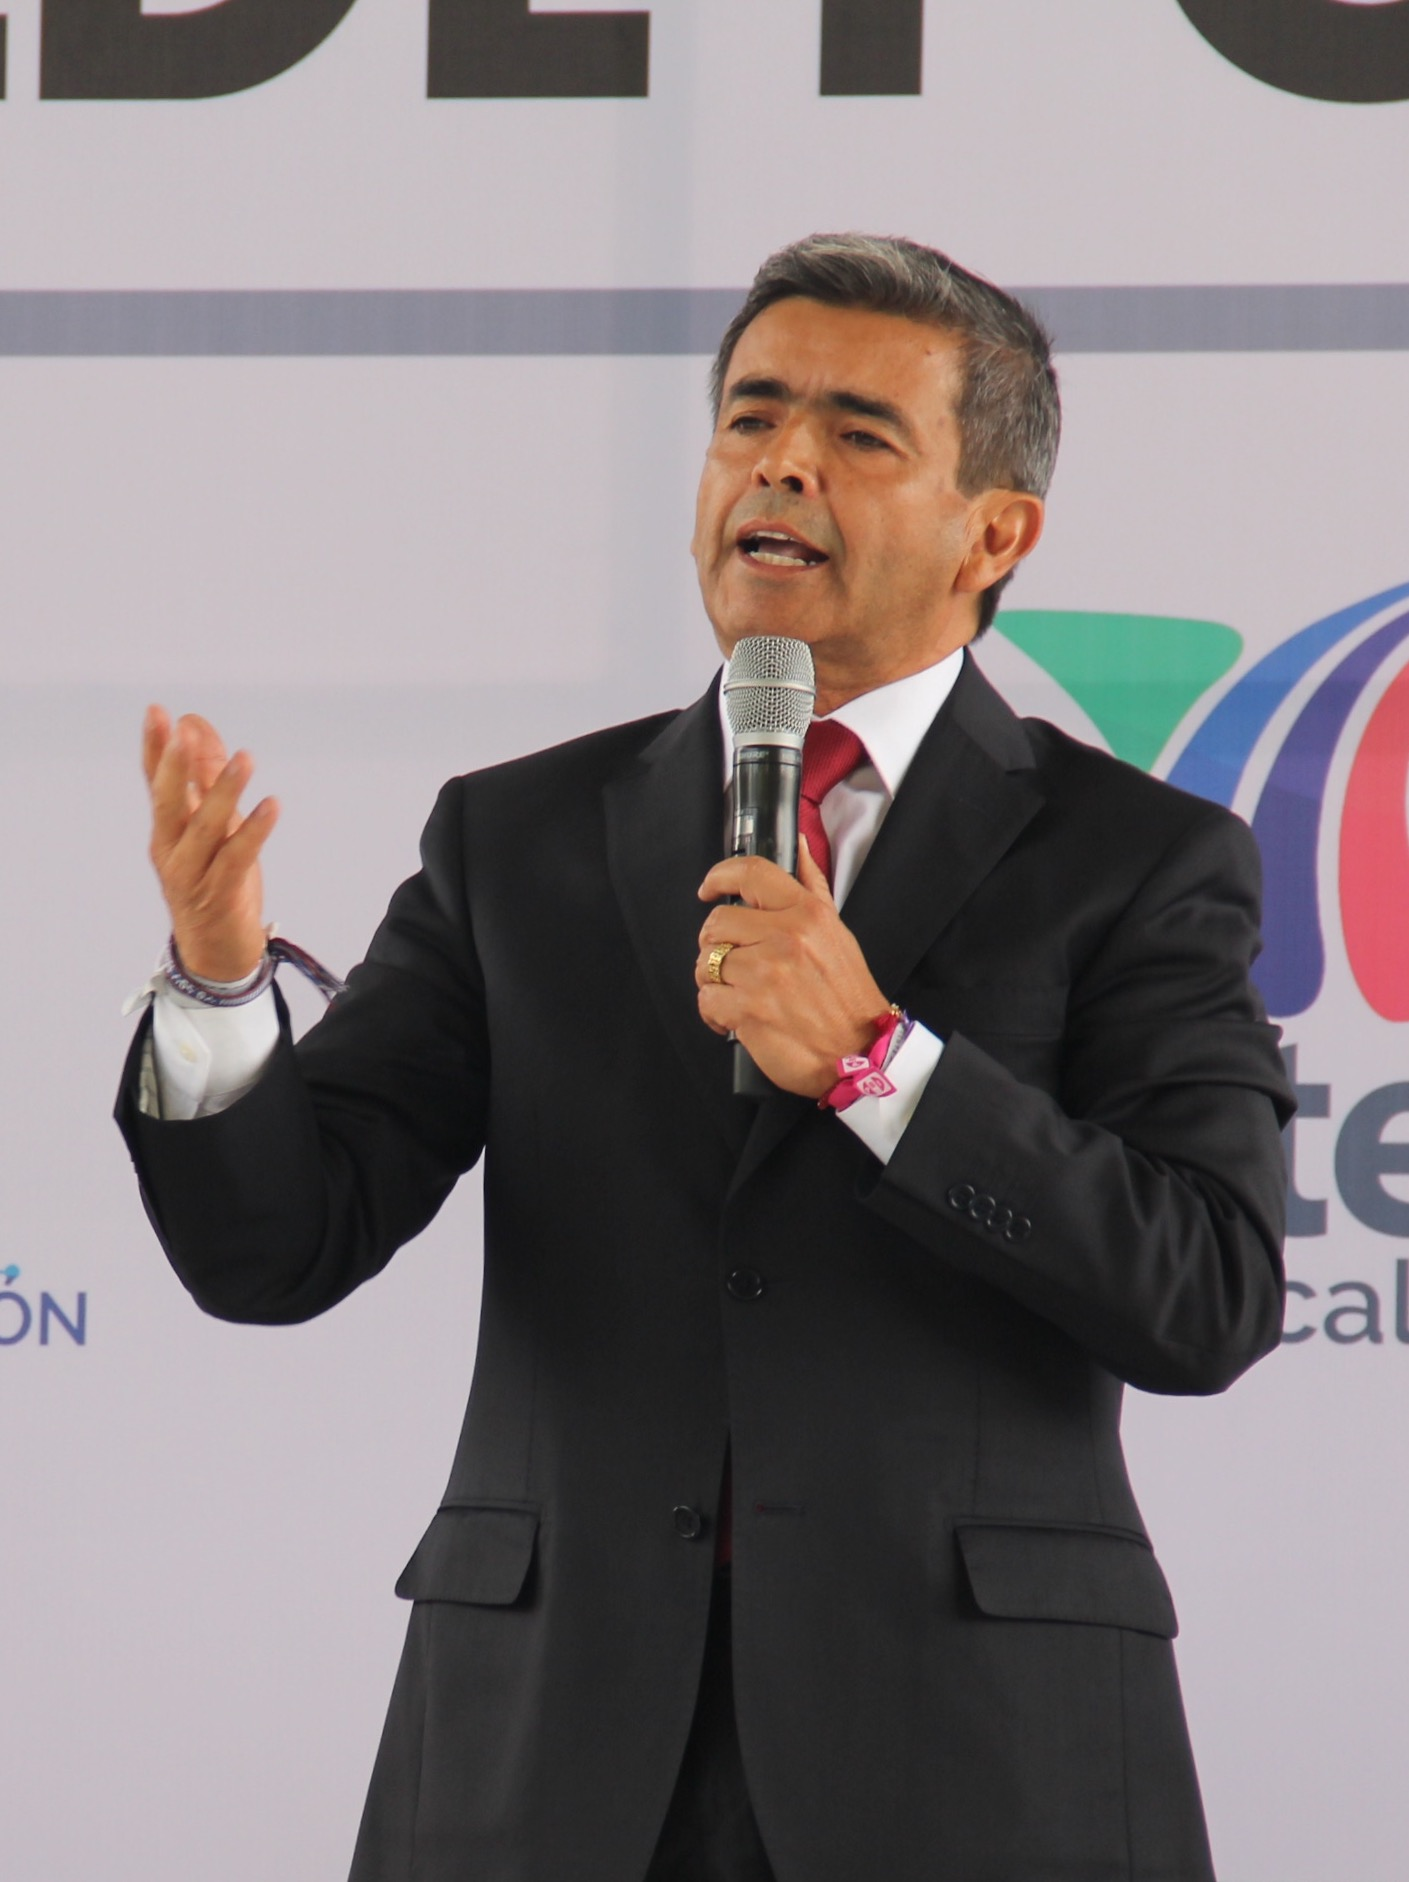 Triunfa en el debate de candidatos a la alcaldía, el Dr. Ríos Alba